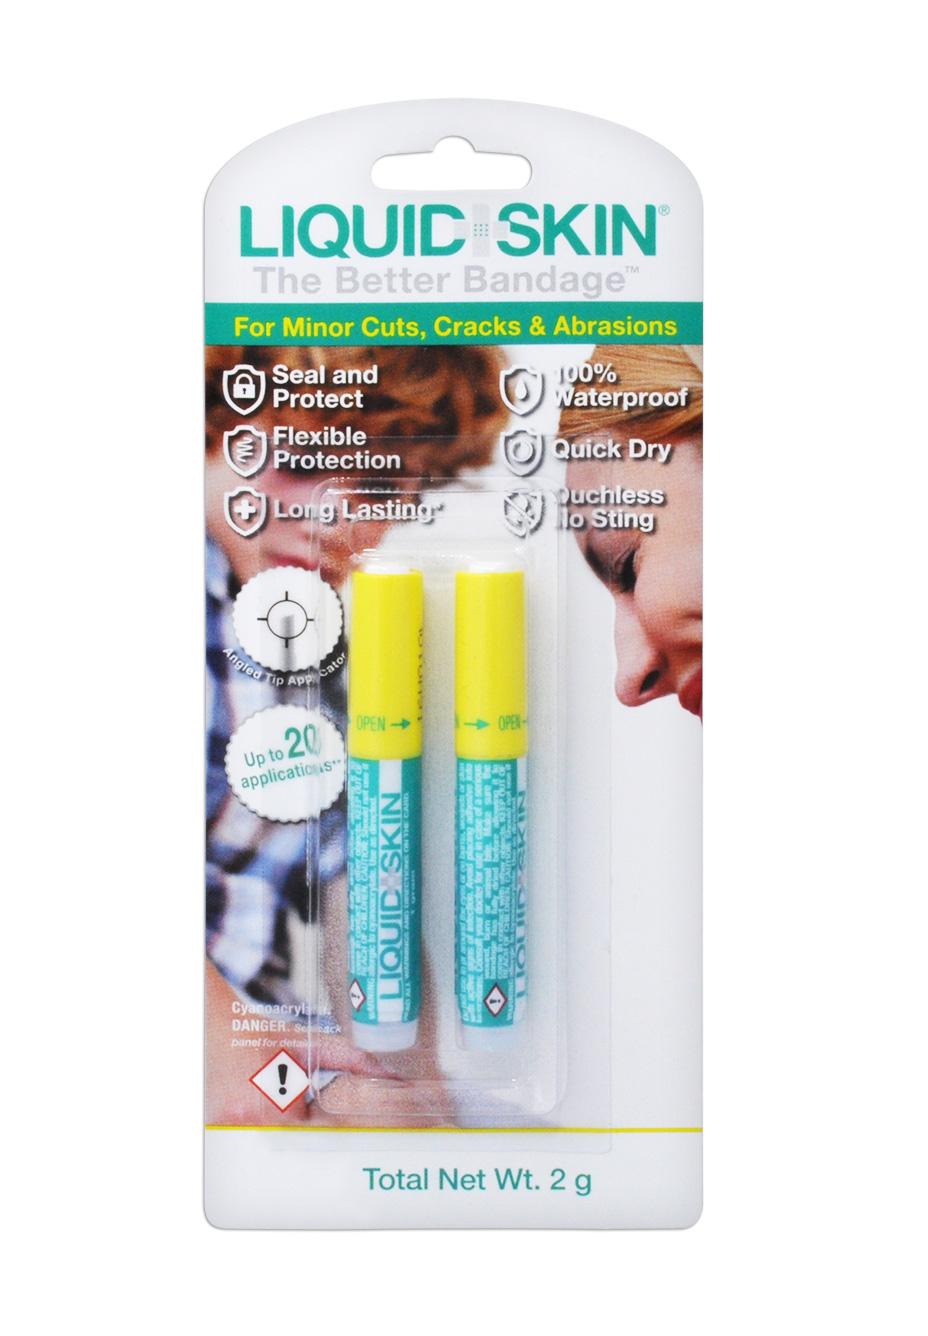 LiquidSkin® Package